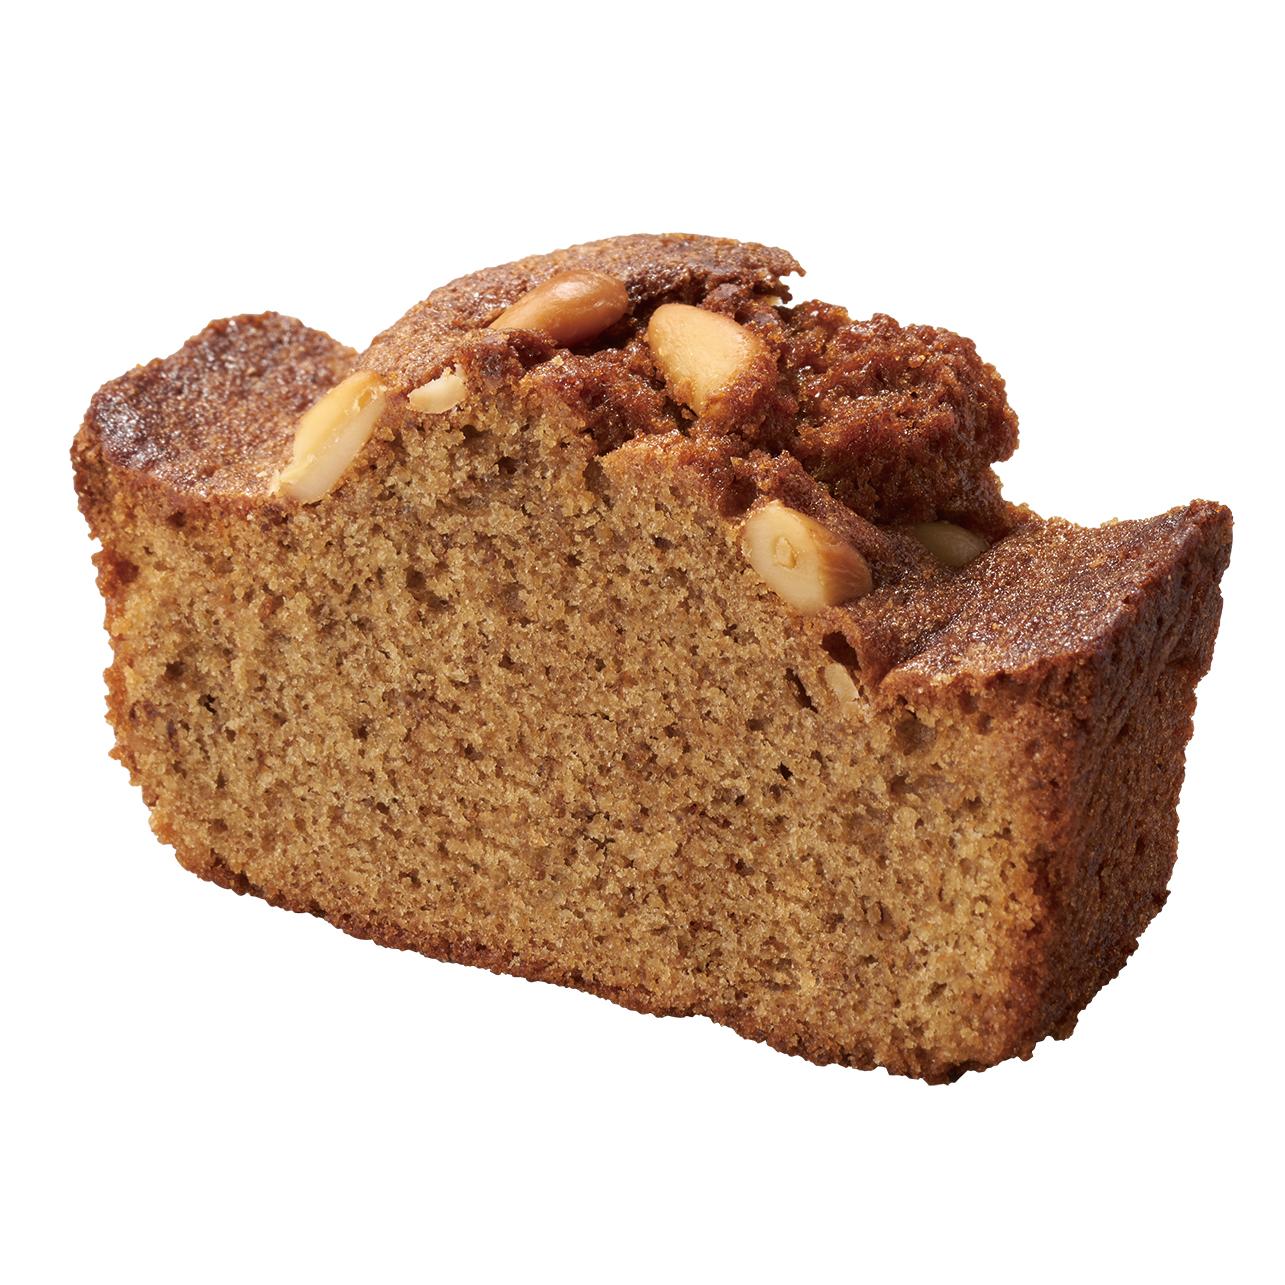 モカナッツケーキ